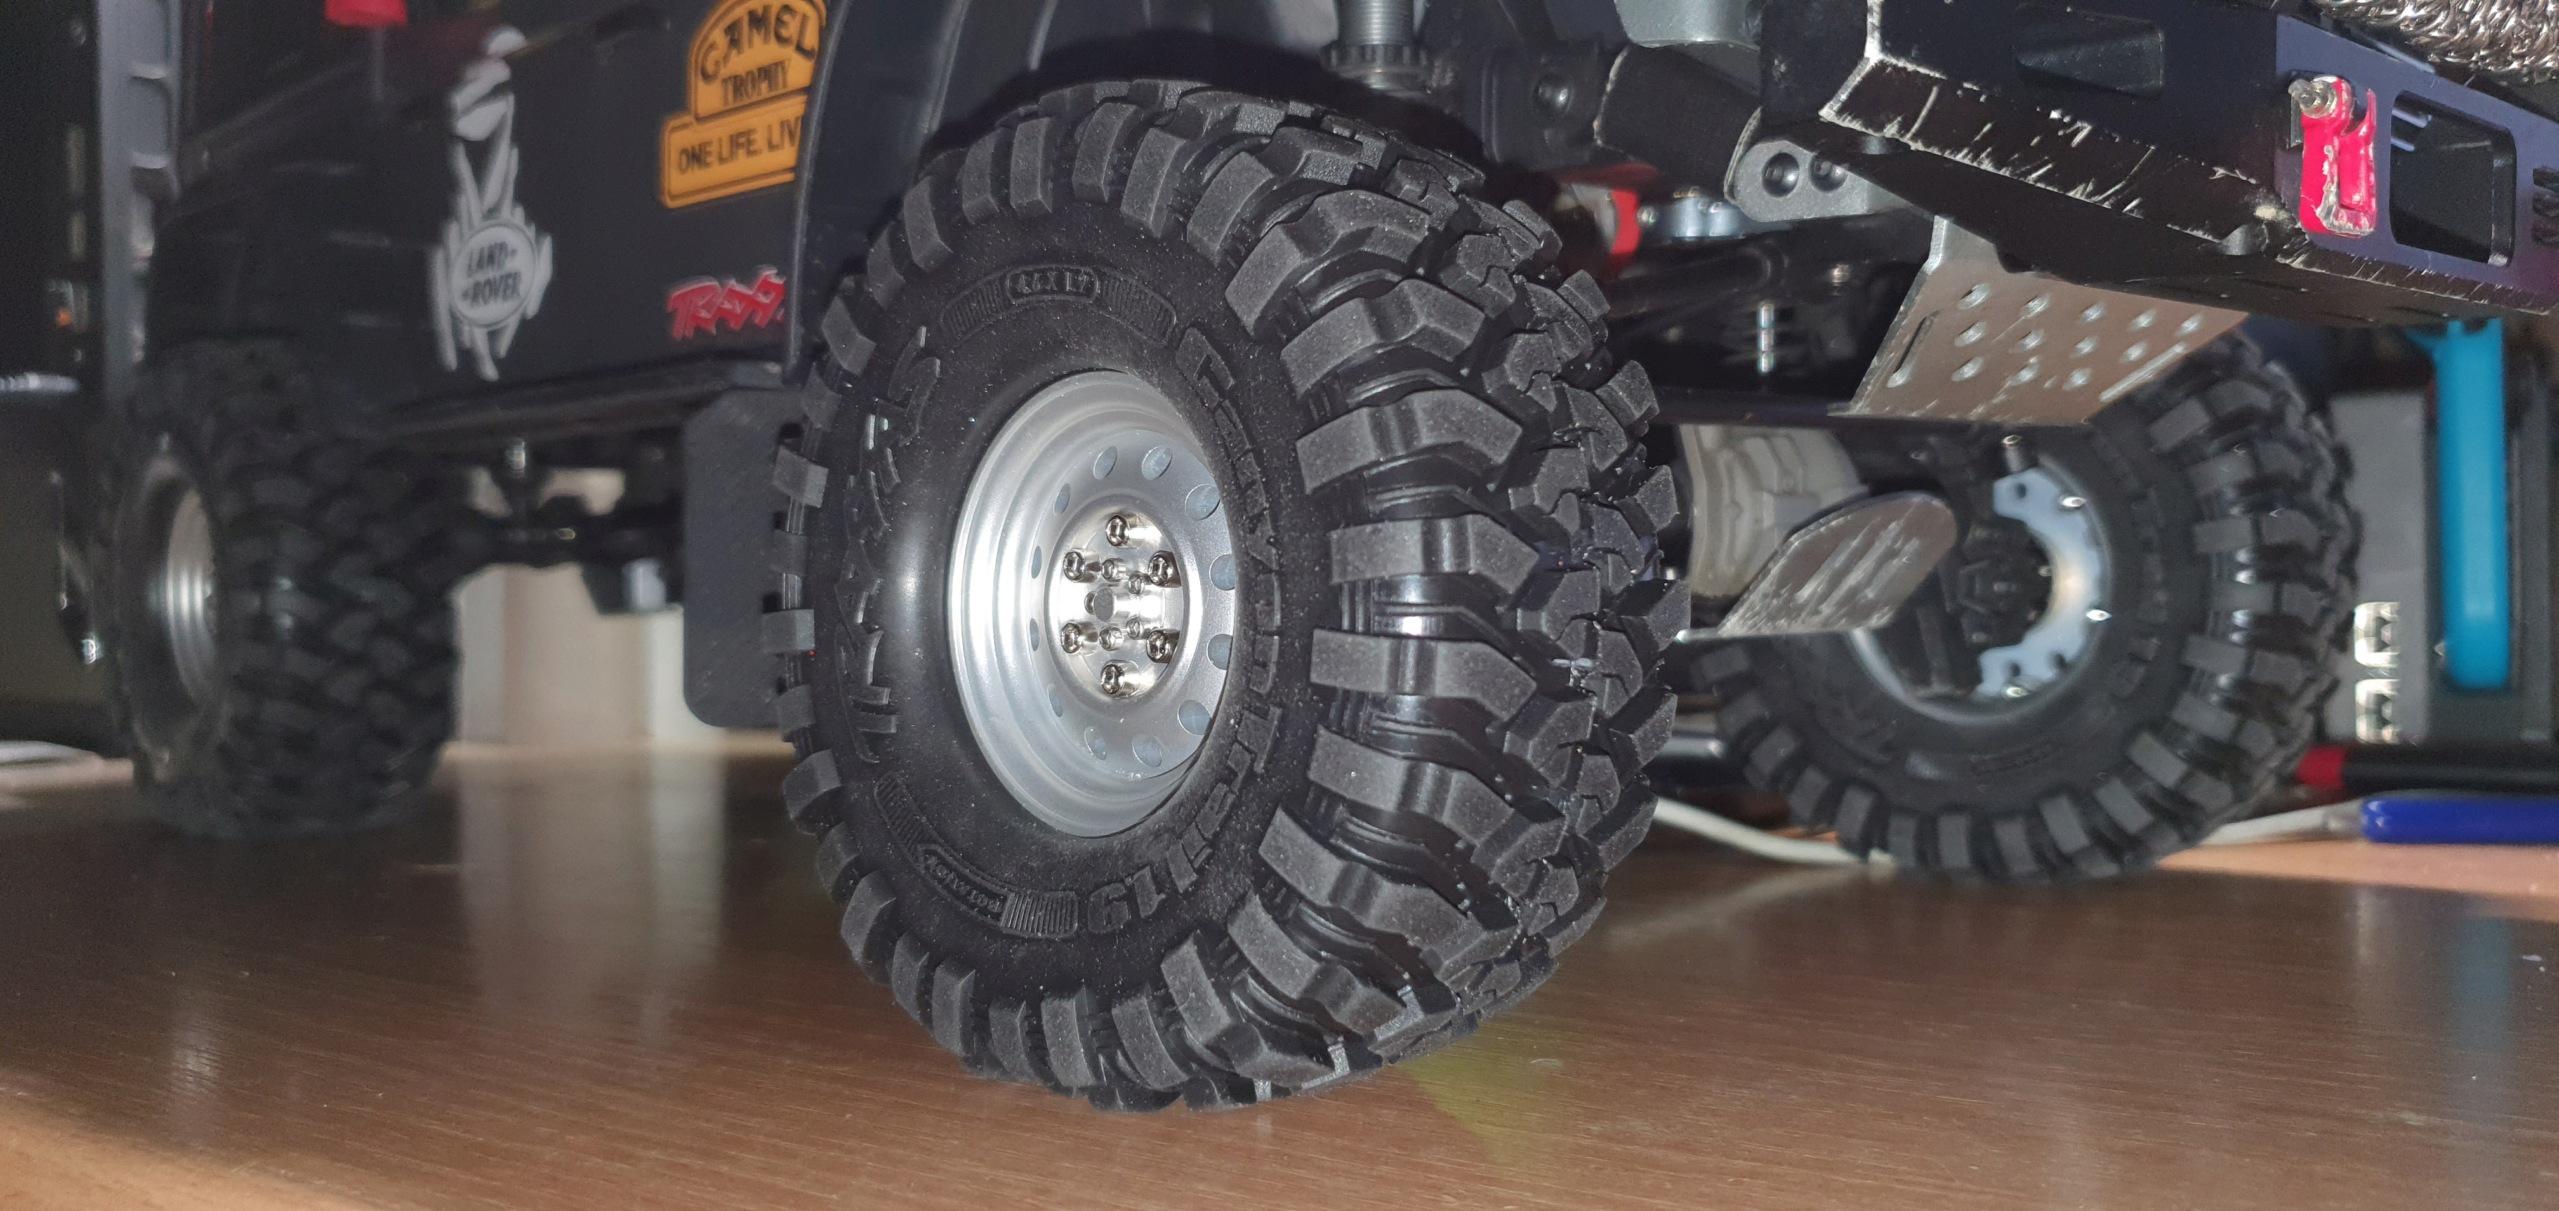 Quels sont les meilleurs pneus pour scale et crawler : Comment choisir ? Performances ou Réalisme ? - Page 3 20200911